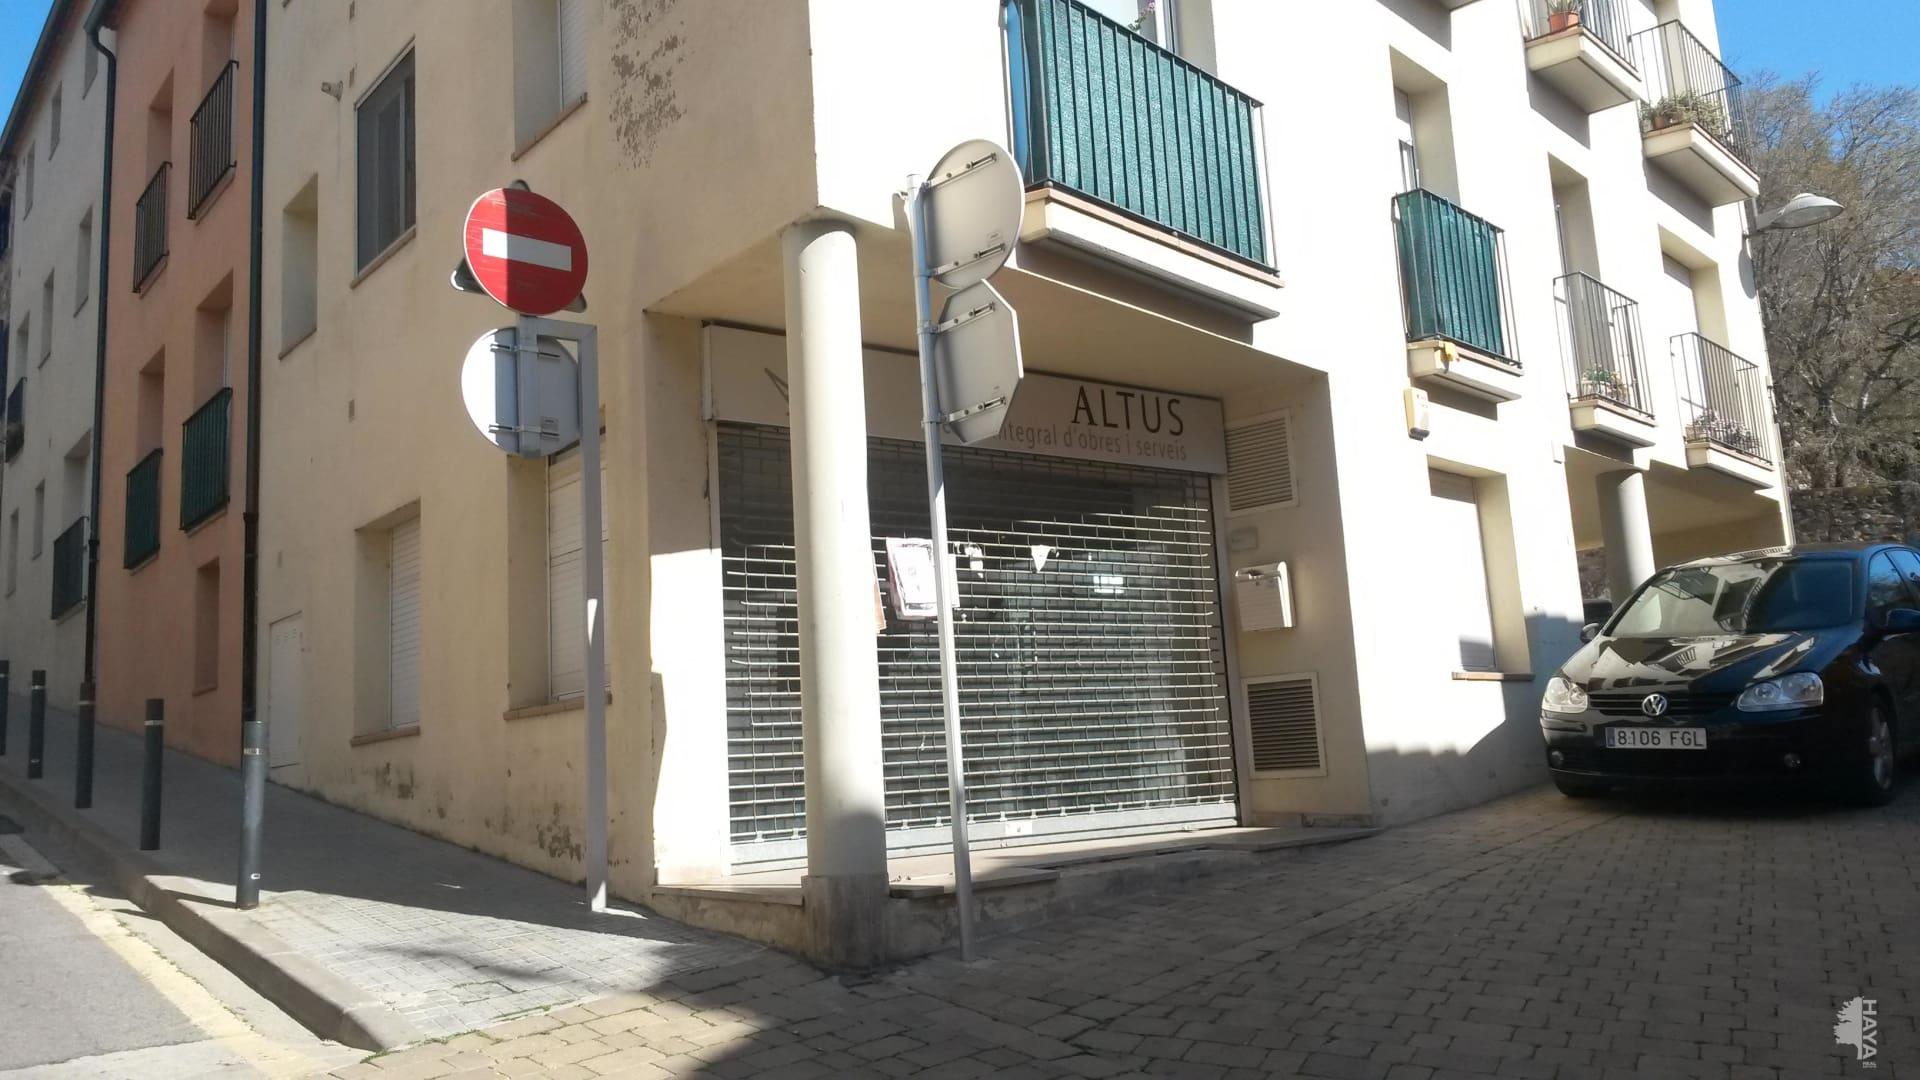 Local Comercial en Poble. Local en venta en calonge (girona) hospital